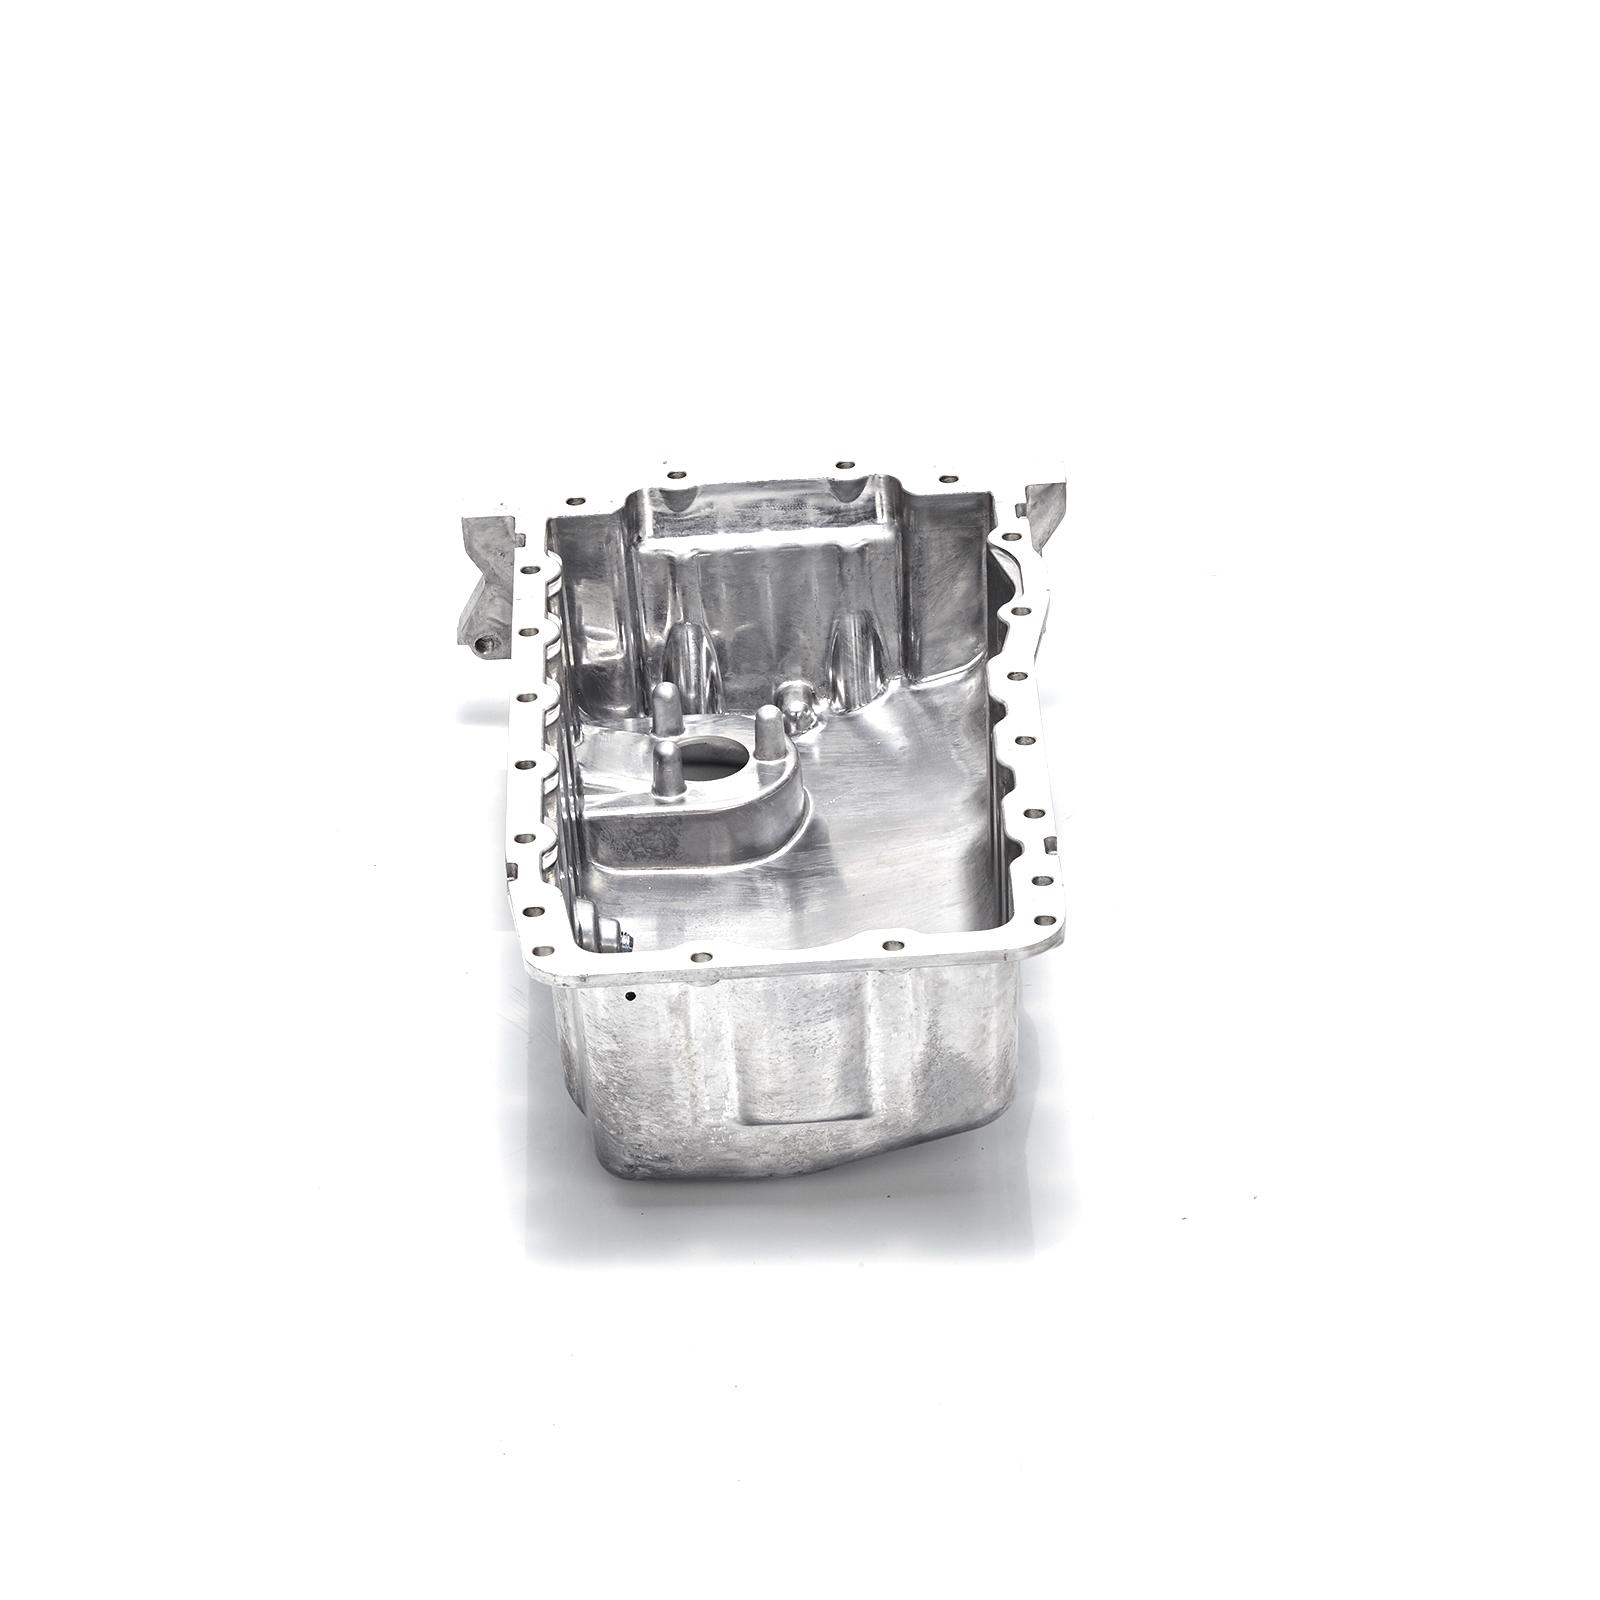 1.9 SDi Diesel Engine Oil Sump Drain Plug #1 Mk4 Fits Polo